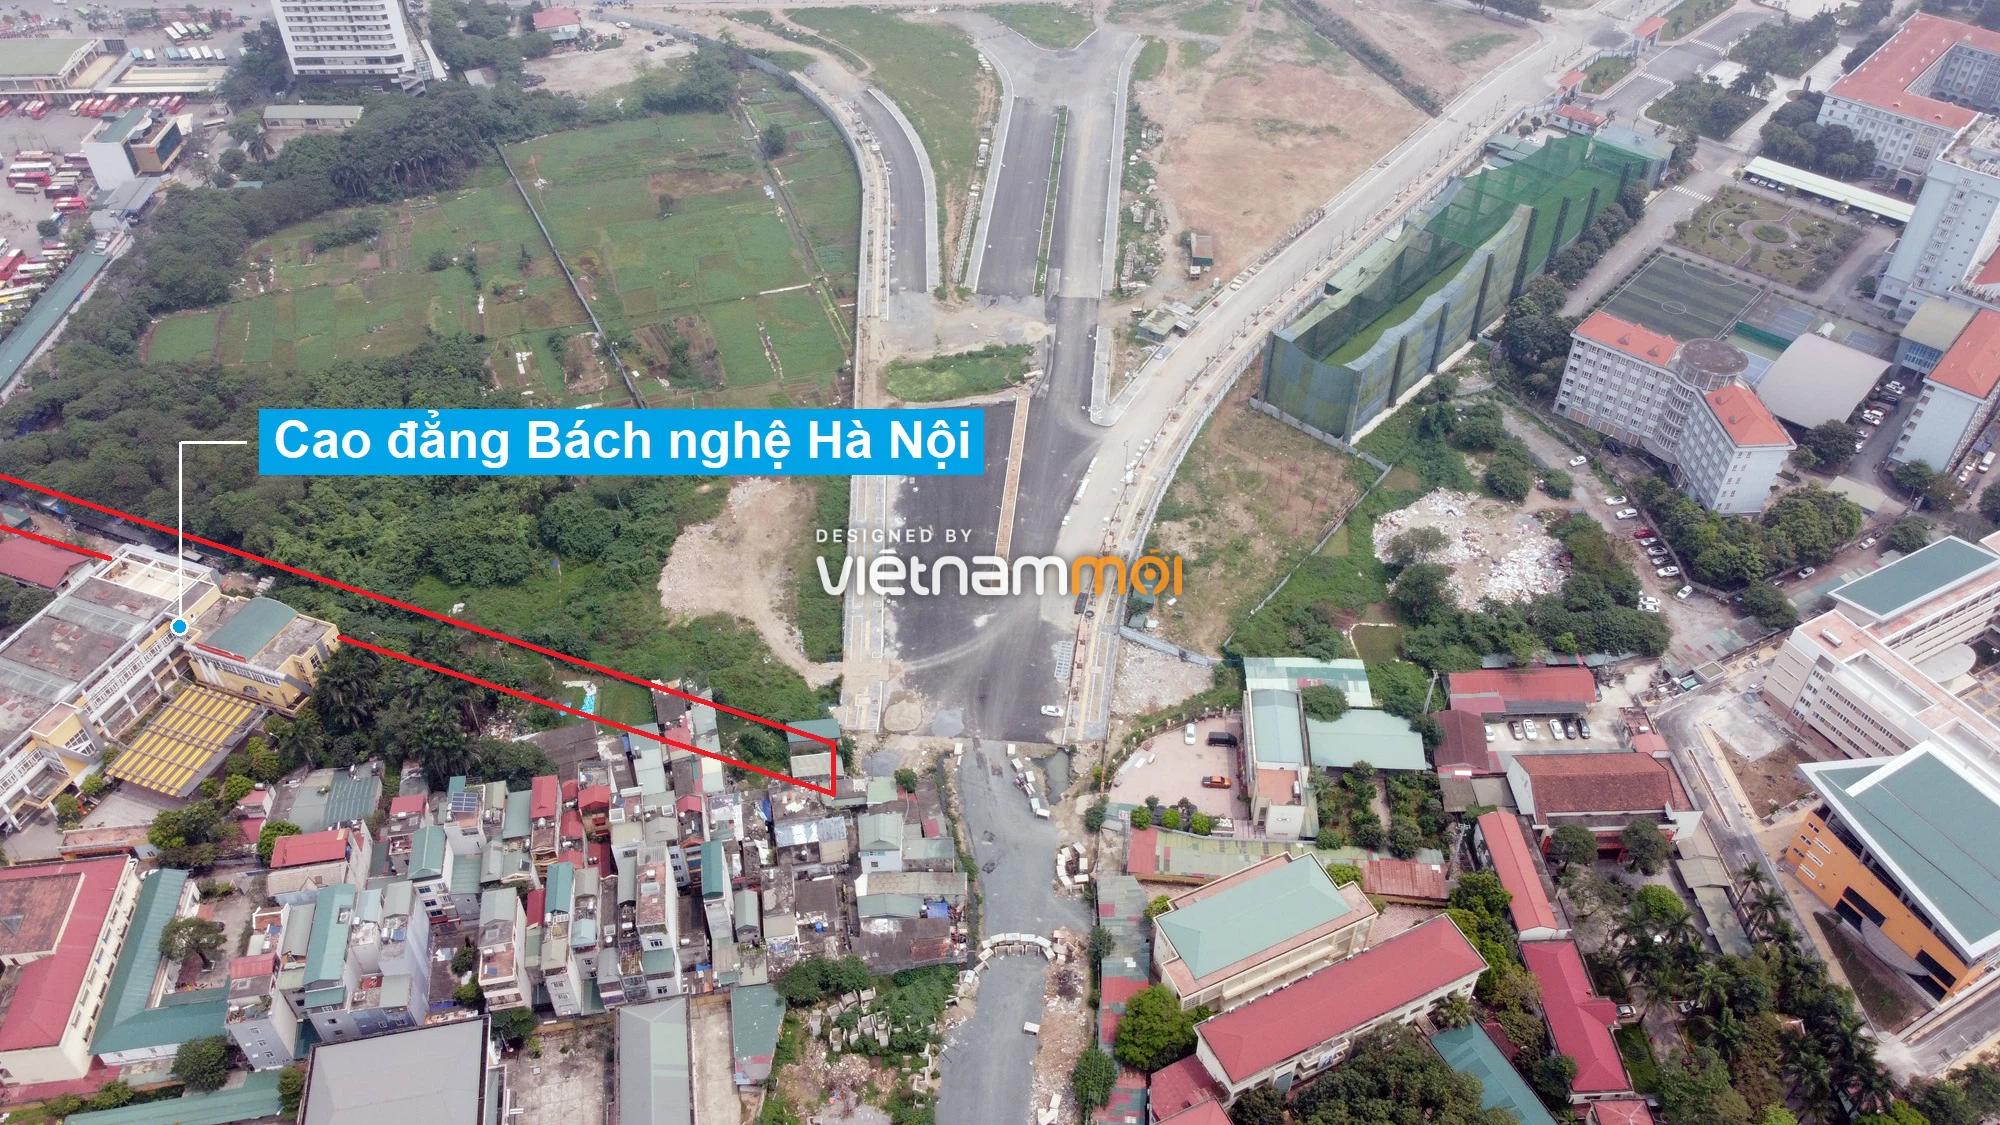 Những khu đất sắp thu hồi để mở đường ở phường Mỹ Đình 2, Nam Từ Liêm, Hà Nội (phần 1) - Ảnh 16.